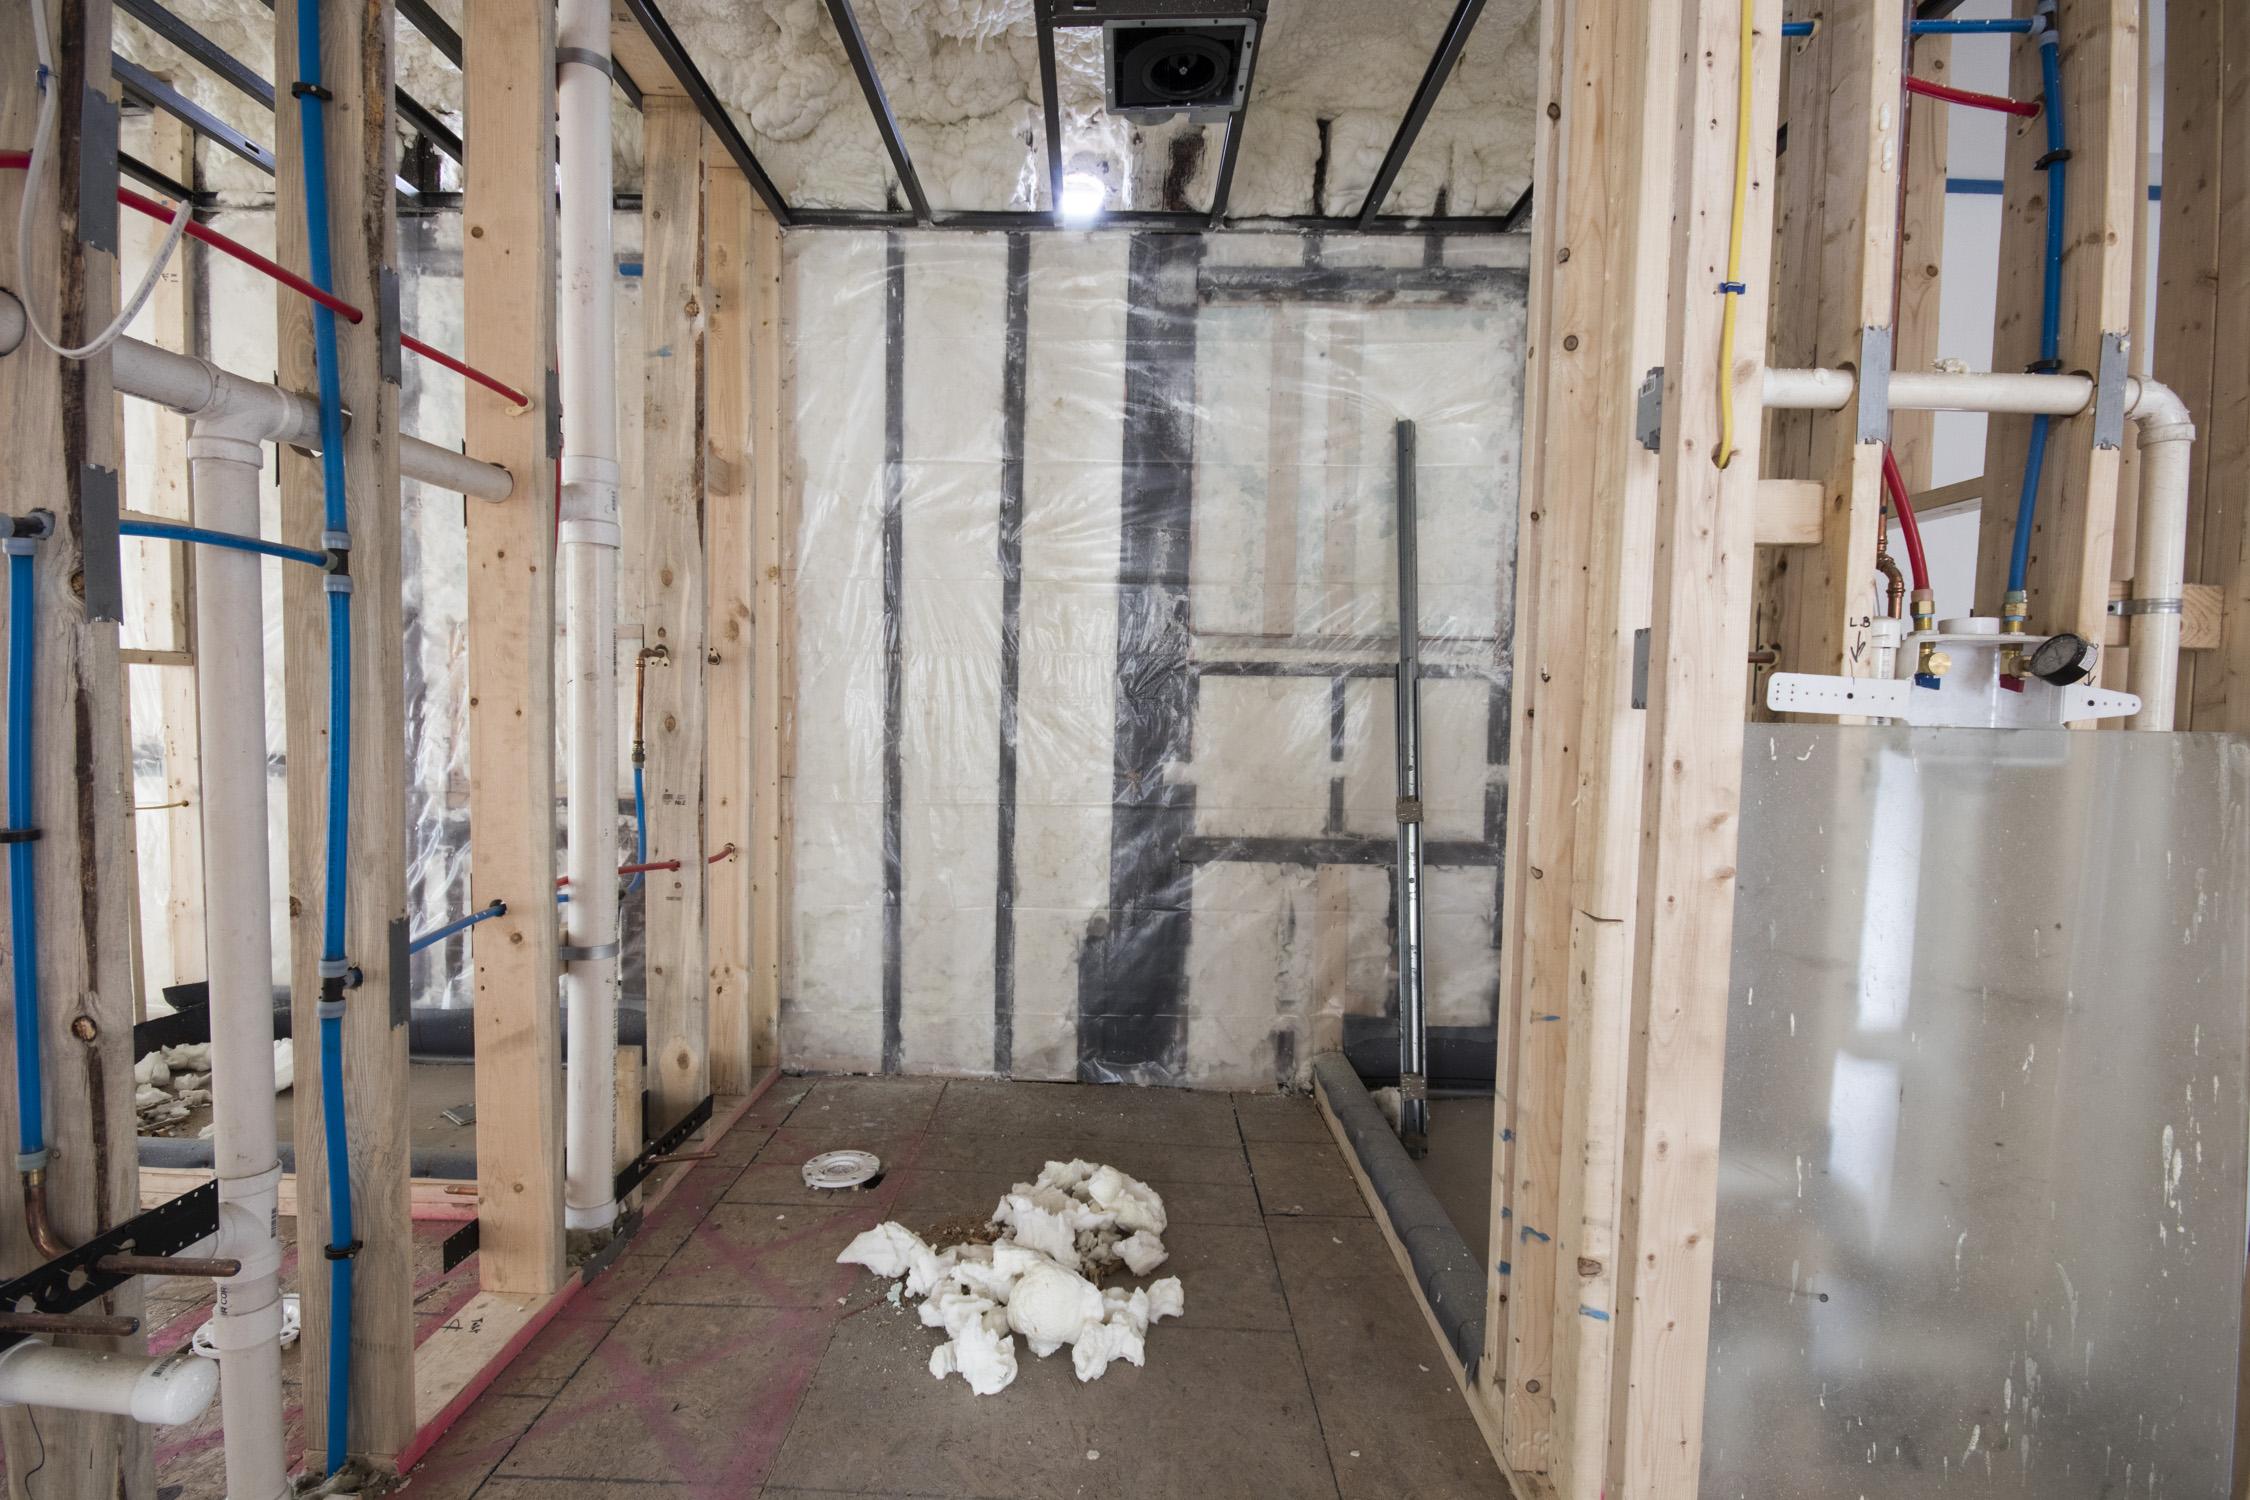 25 Darling Street Boston General Contractor P Northeast Contractors_138